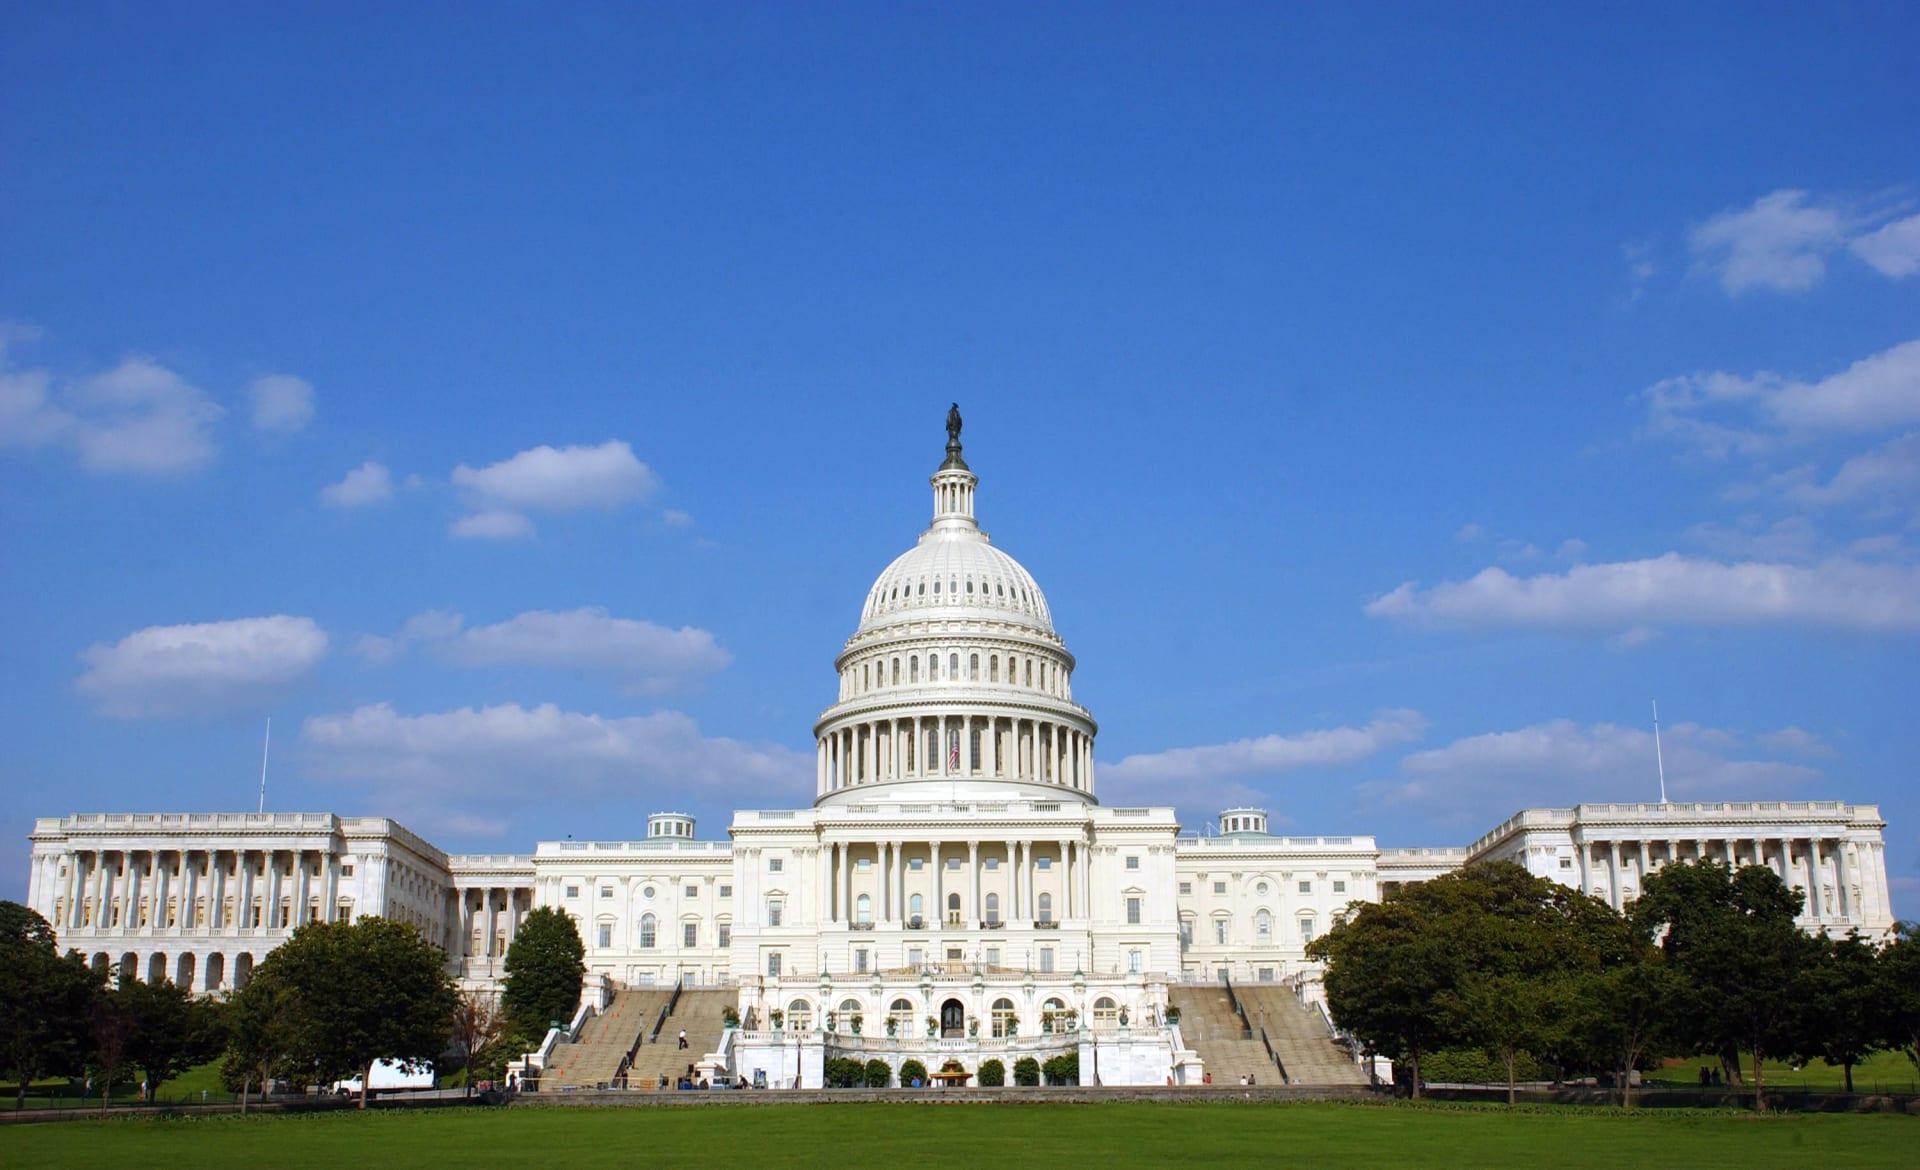 مجلس الشيوخ الأمريكي يوافق على أكبر تعديل ضريبي منذ 30 عاماً